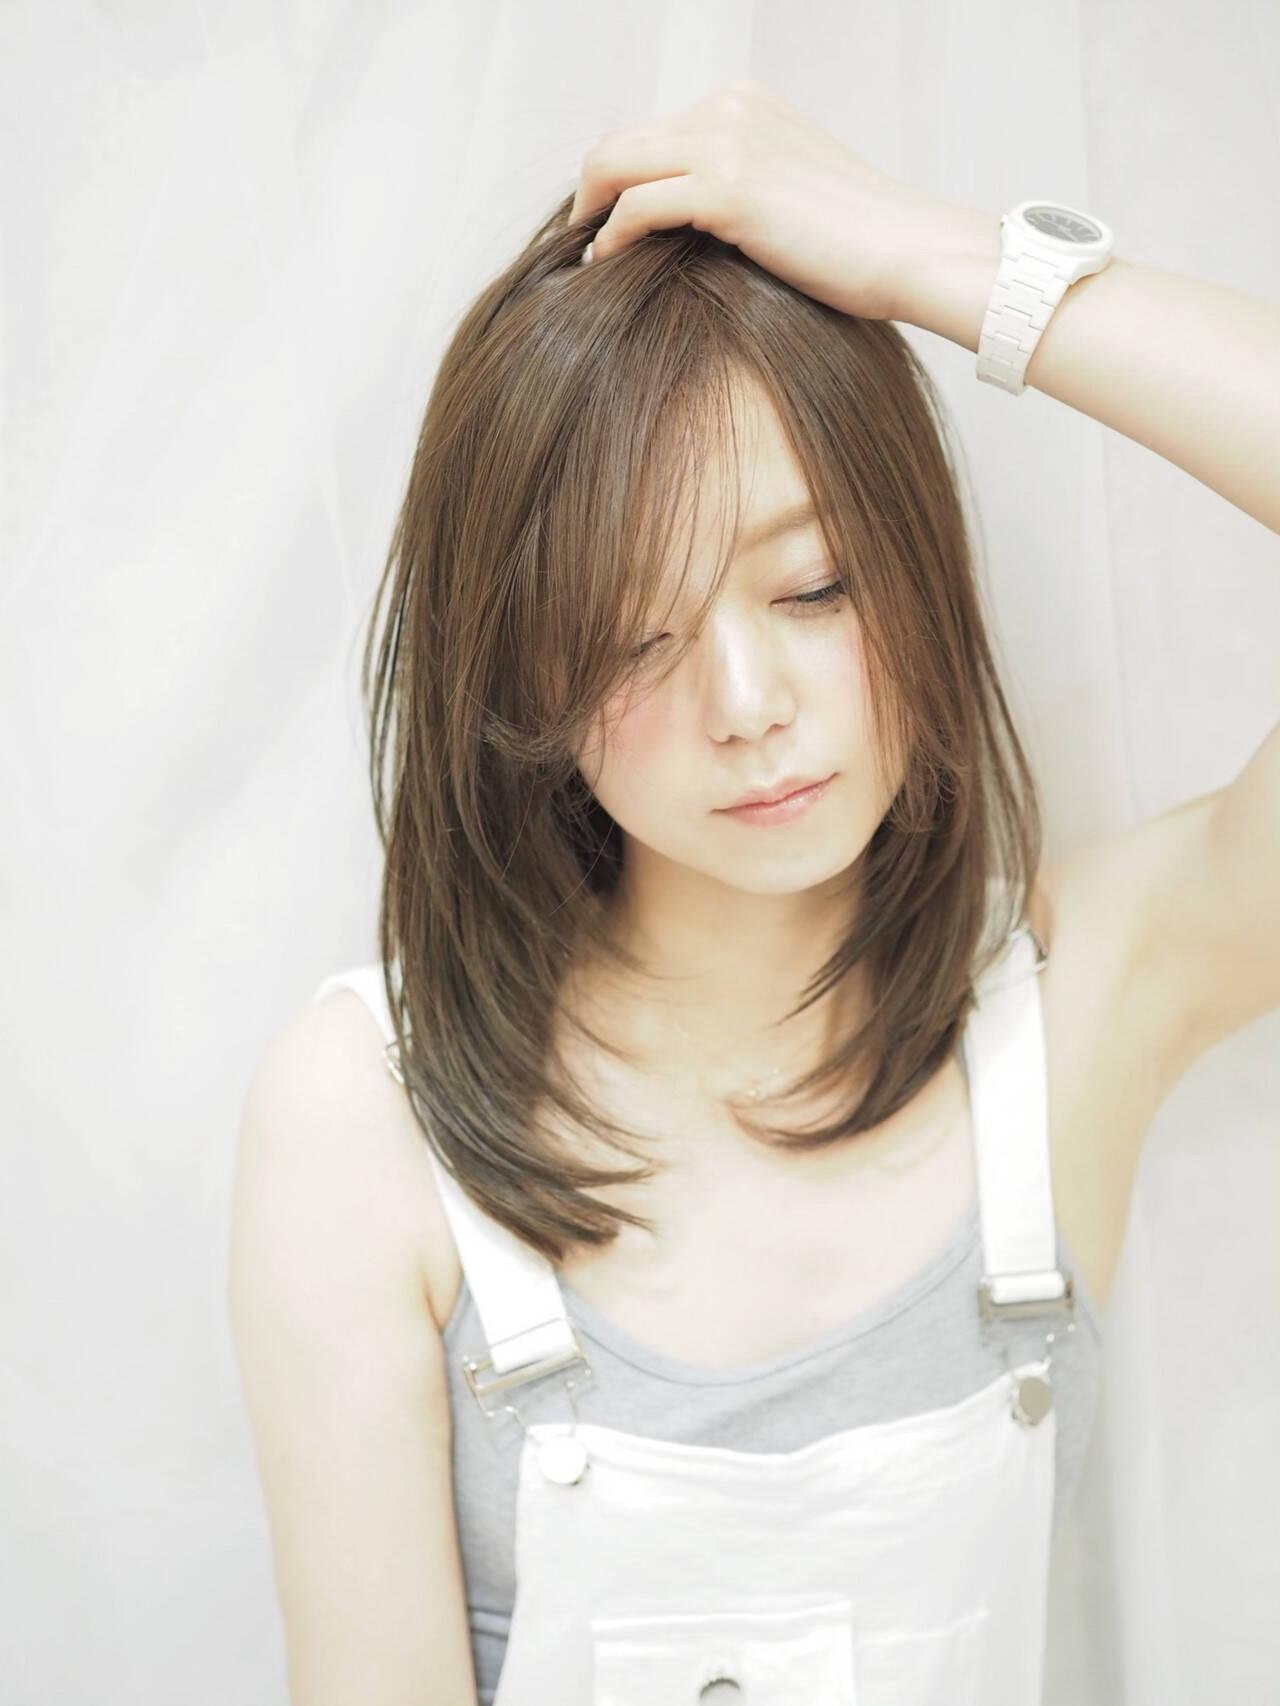 レイヤースタイル セミロング レイヤーカット アッシュヘアスタイルや髪型の写真・画像